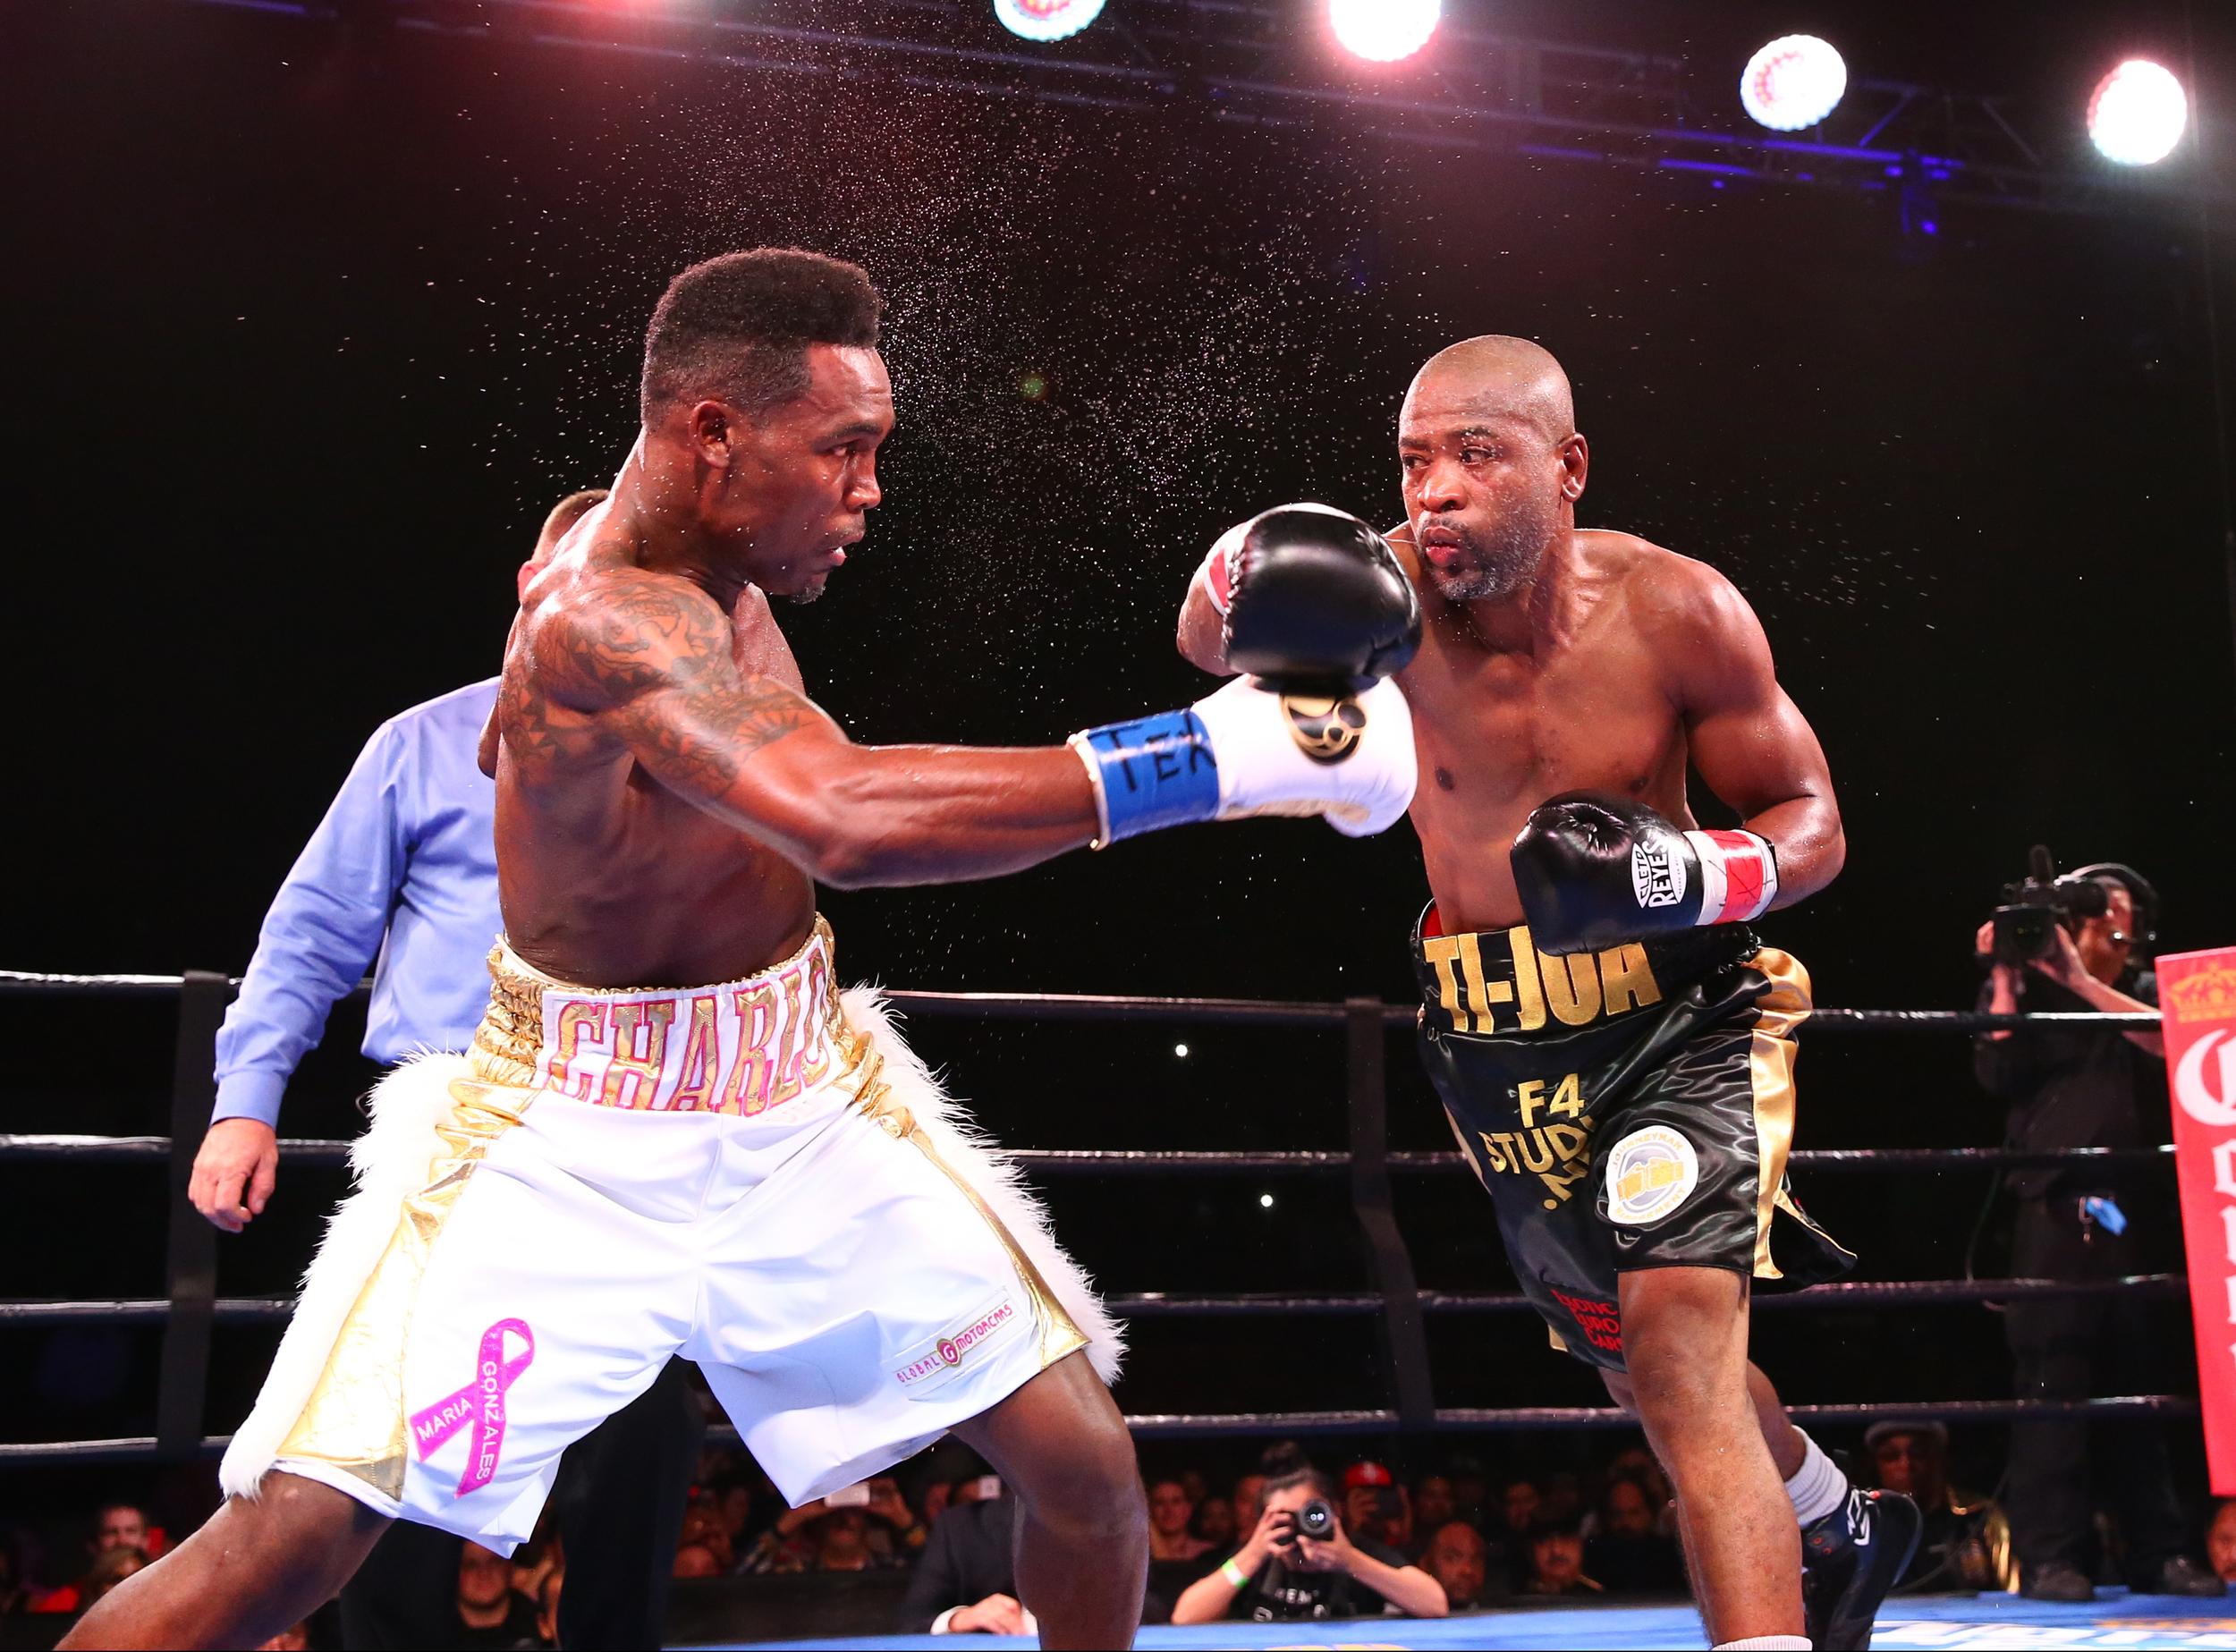 SASP- 20151031 - PBC Boxing - 2325 - 5241.JPG